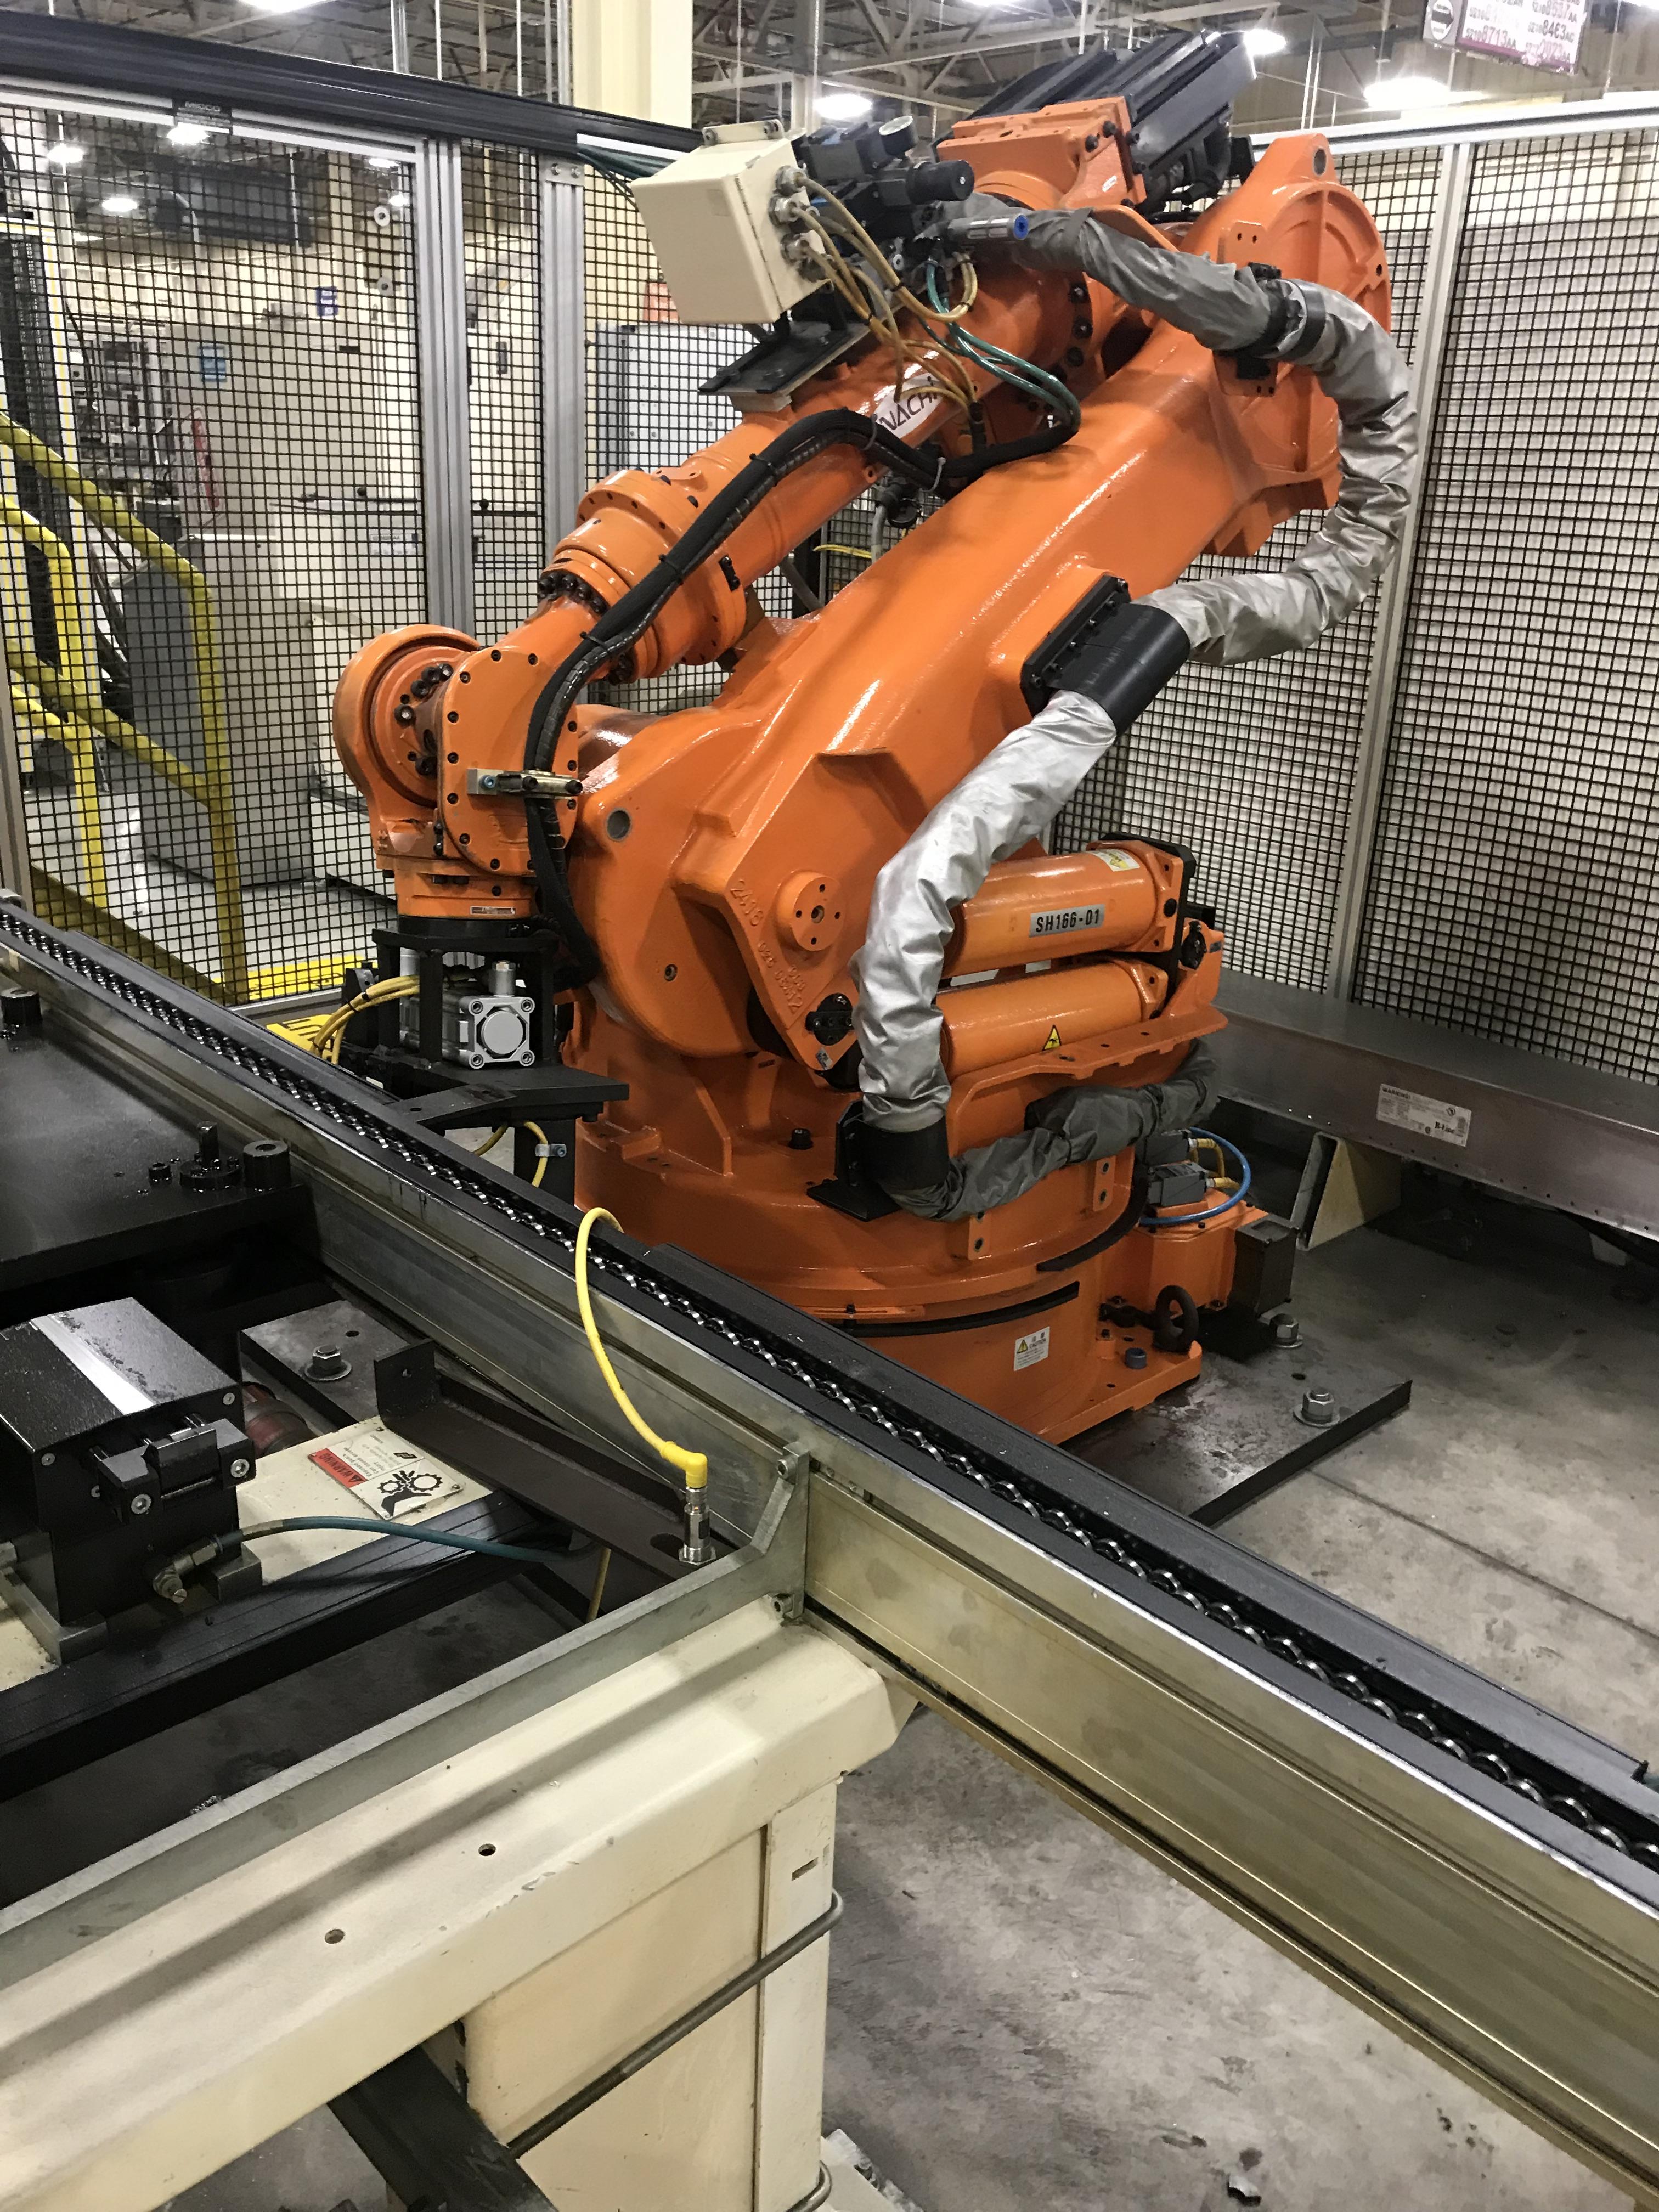 Lot 146 - 2002 Nachi SH-166-01 Robot